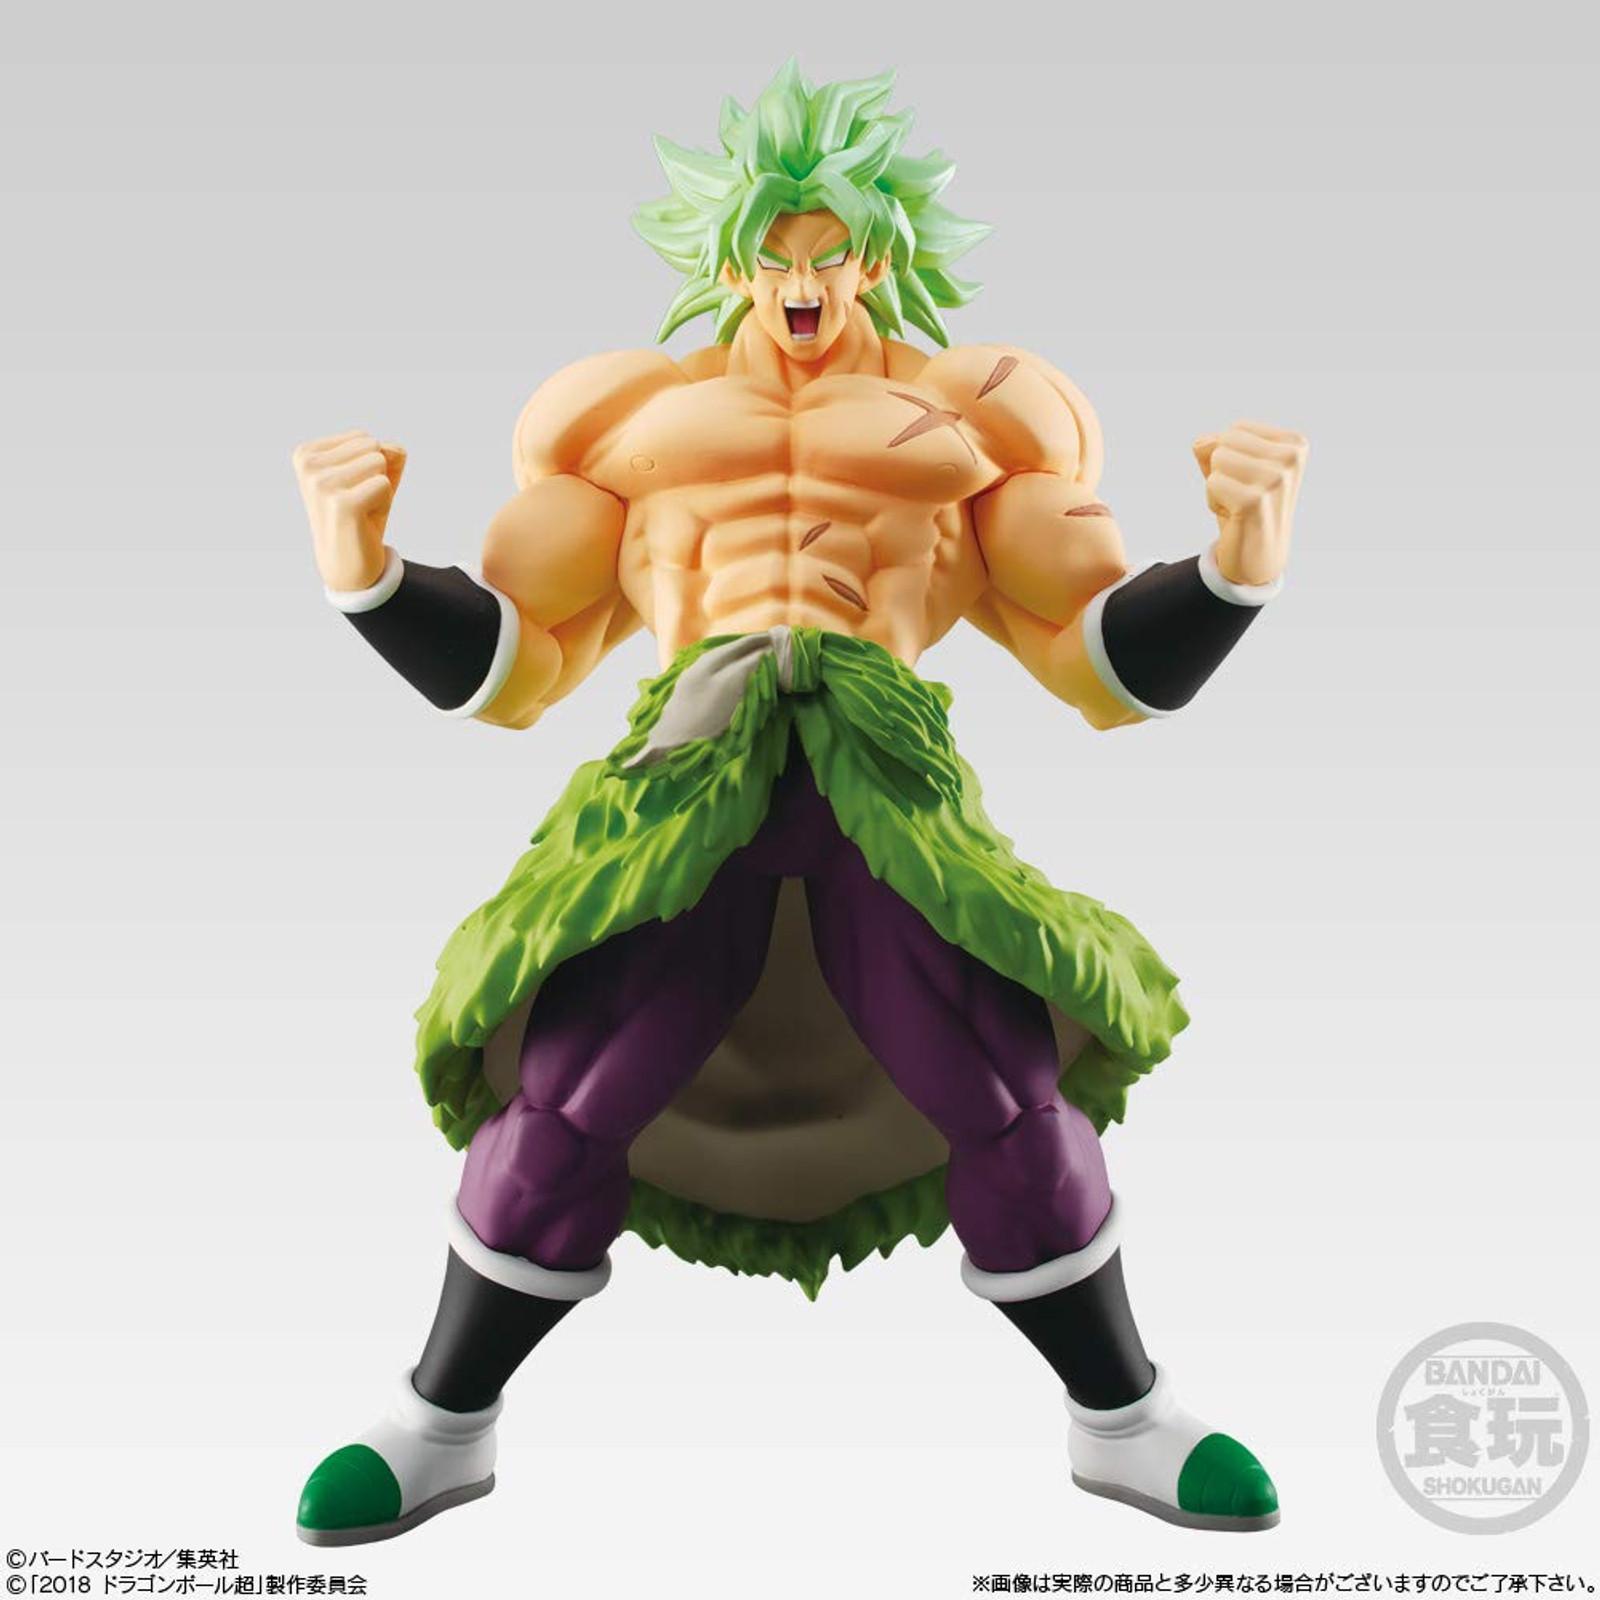 Dragon Ball Z Styling Super Saiyan Broly Fullpower Figure Bandai JAPAN ANIME